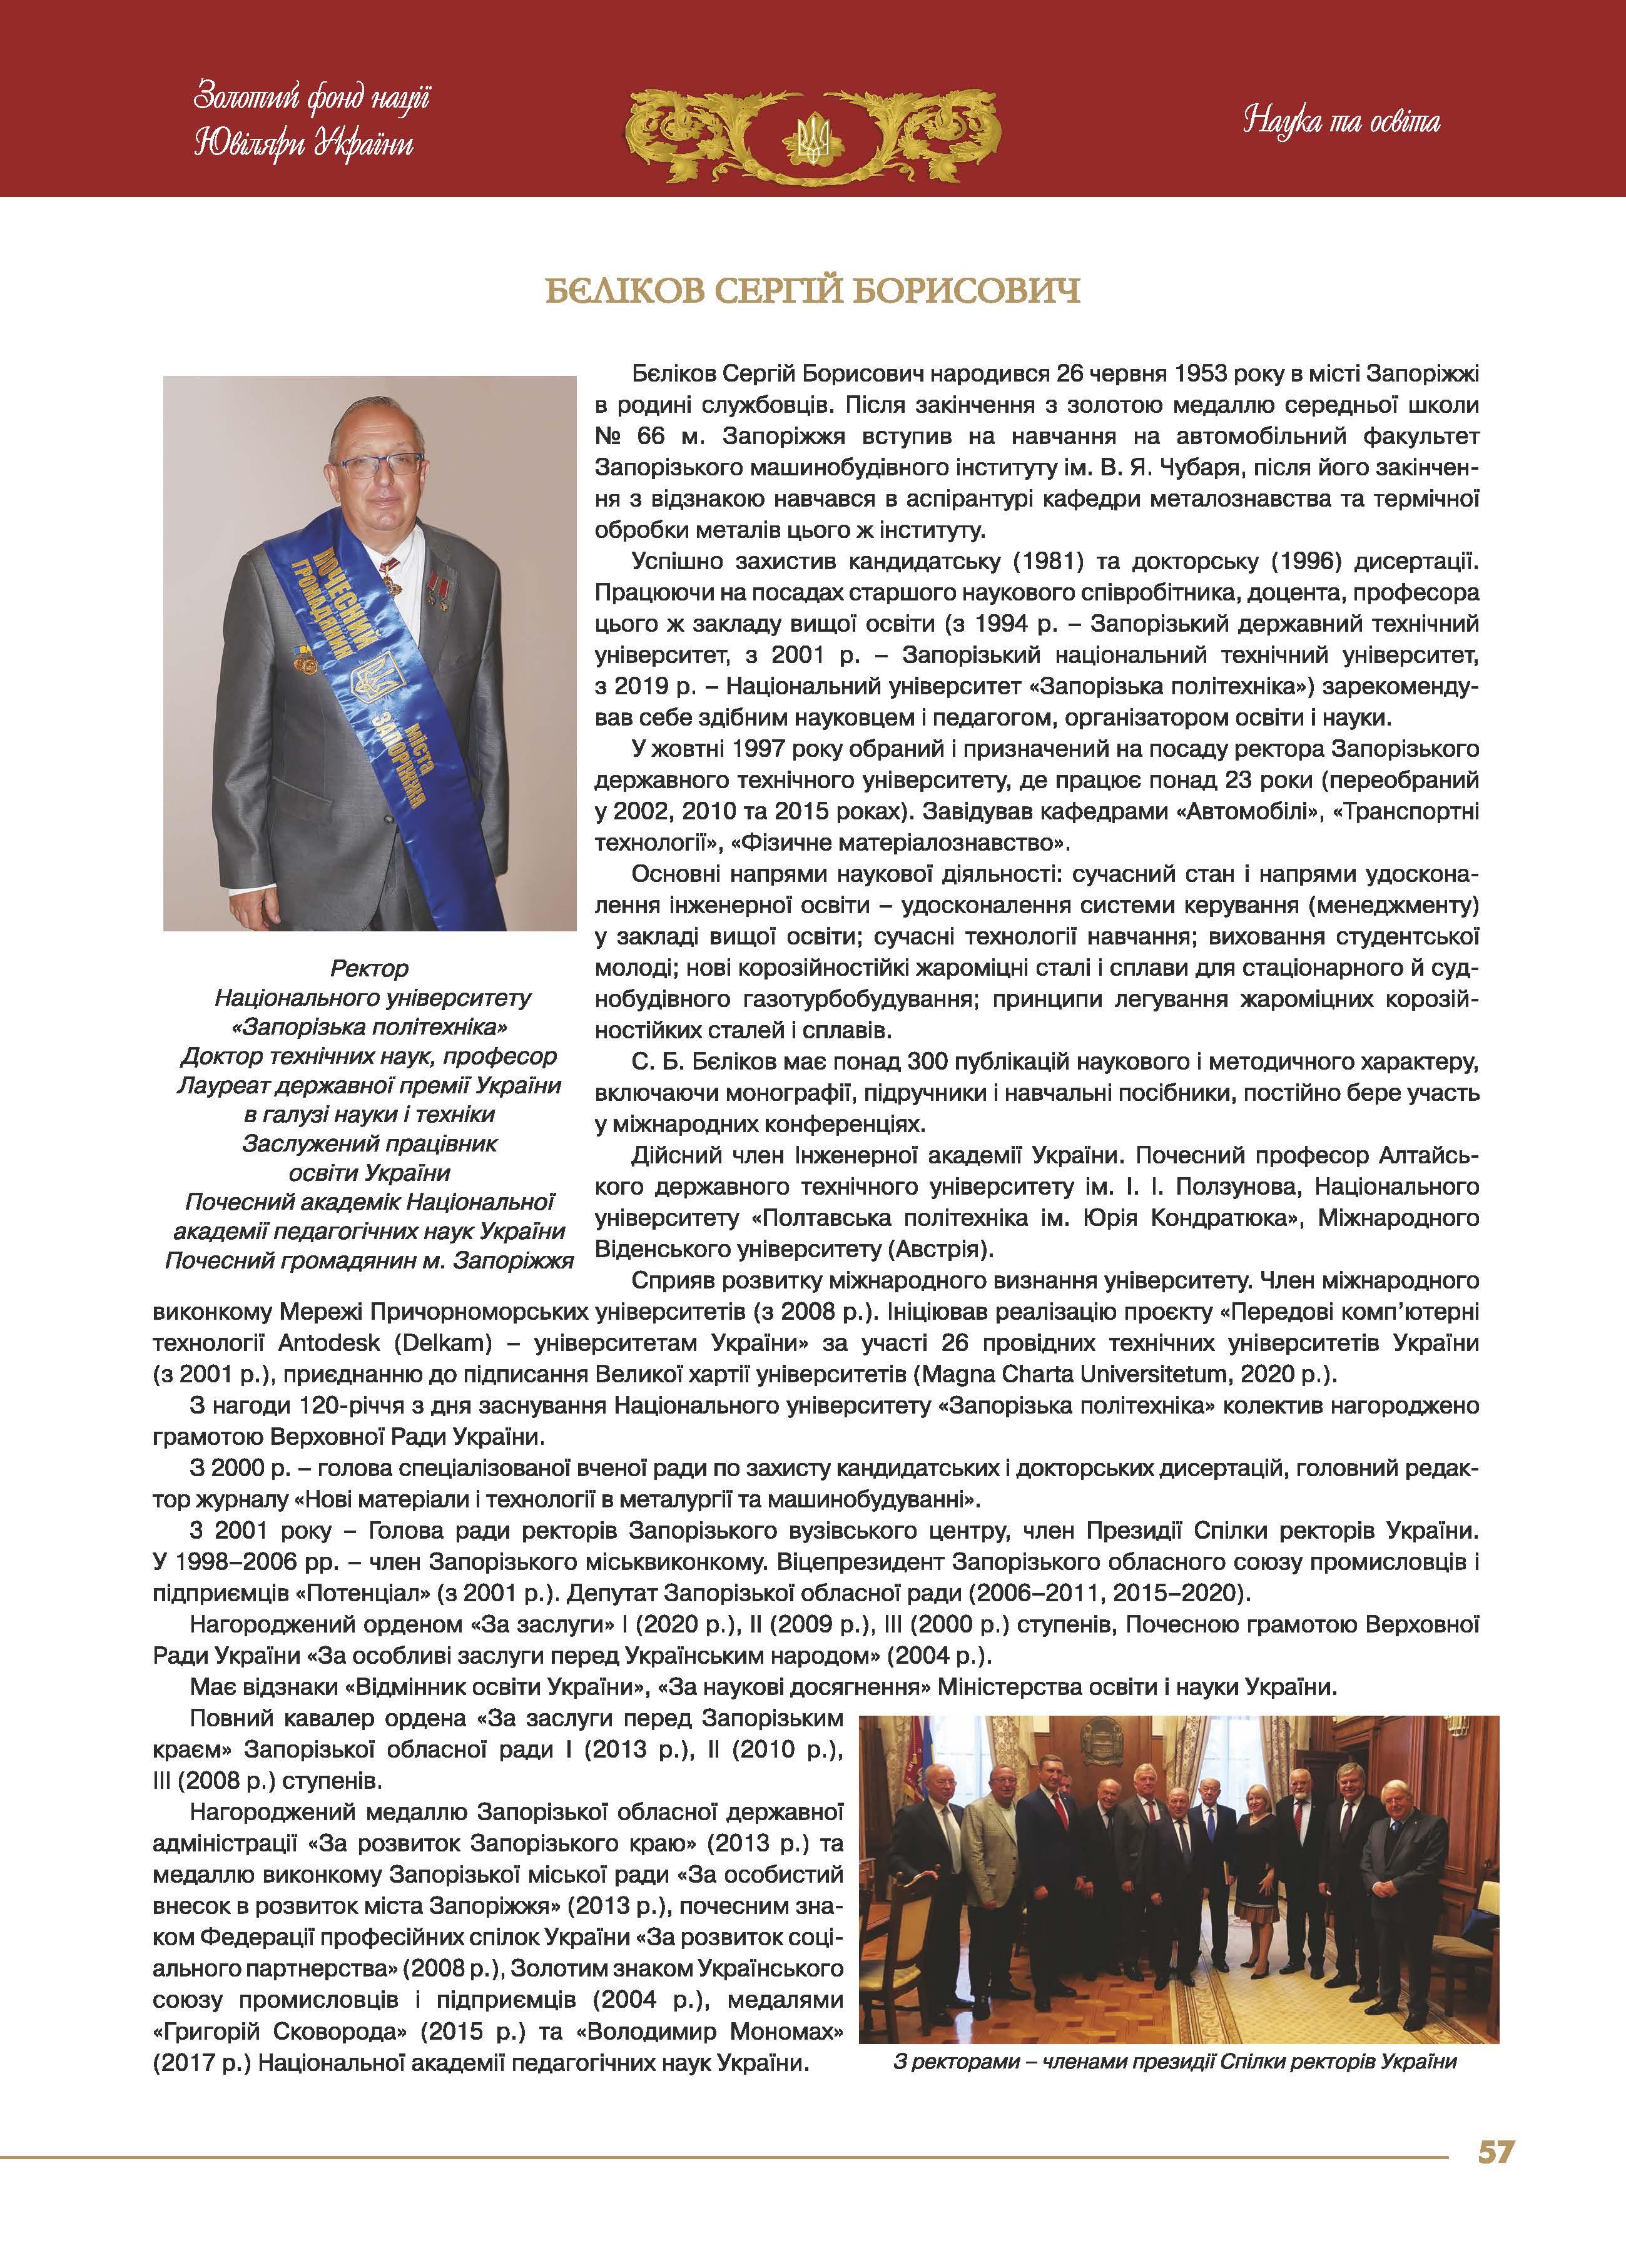 Бєліков Сергій Борисович